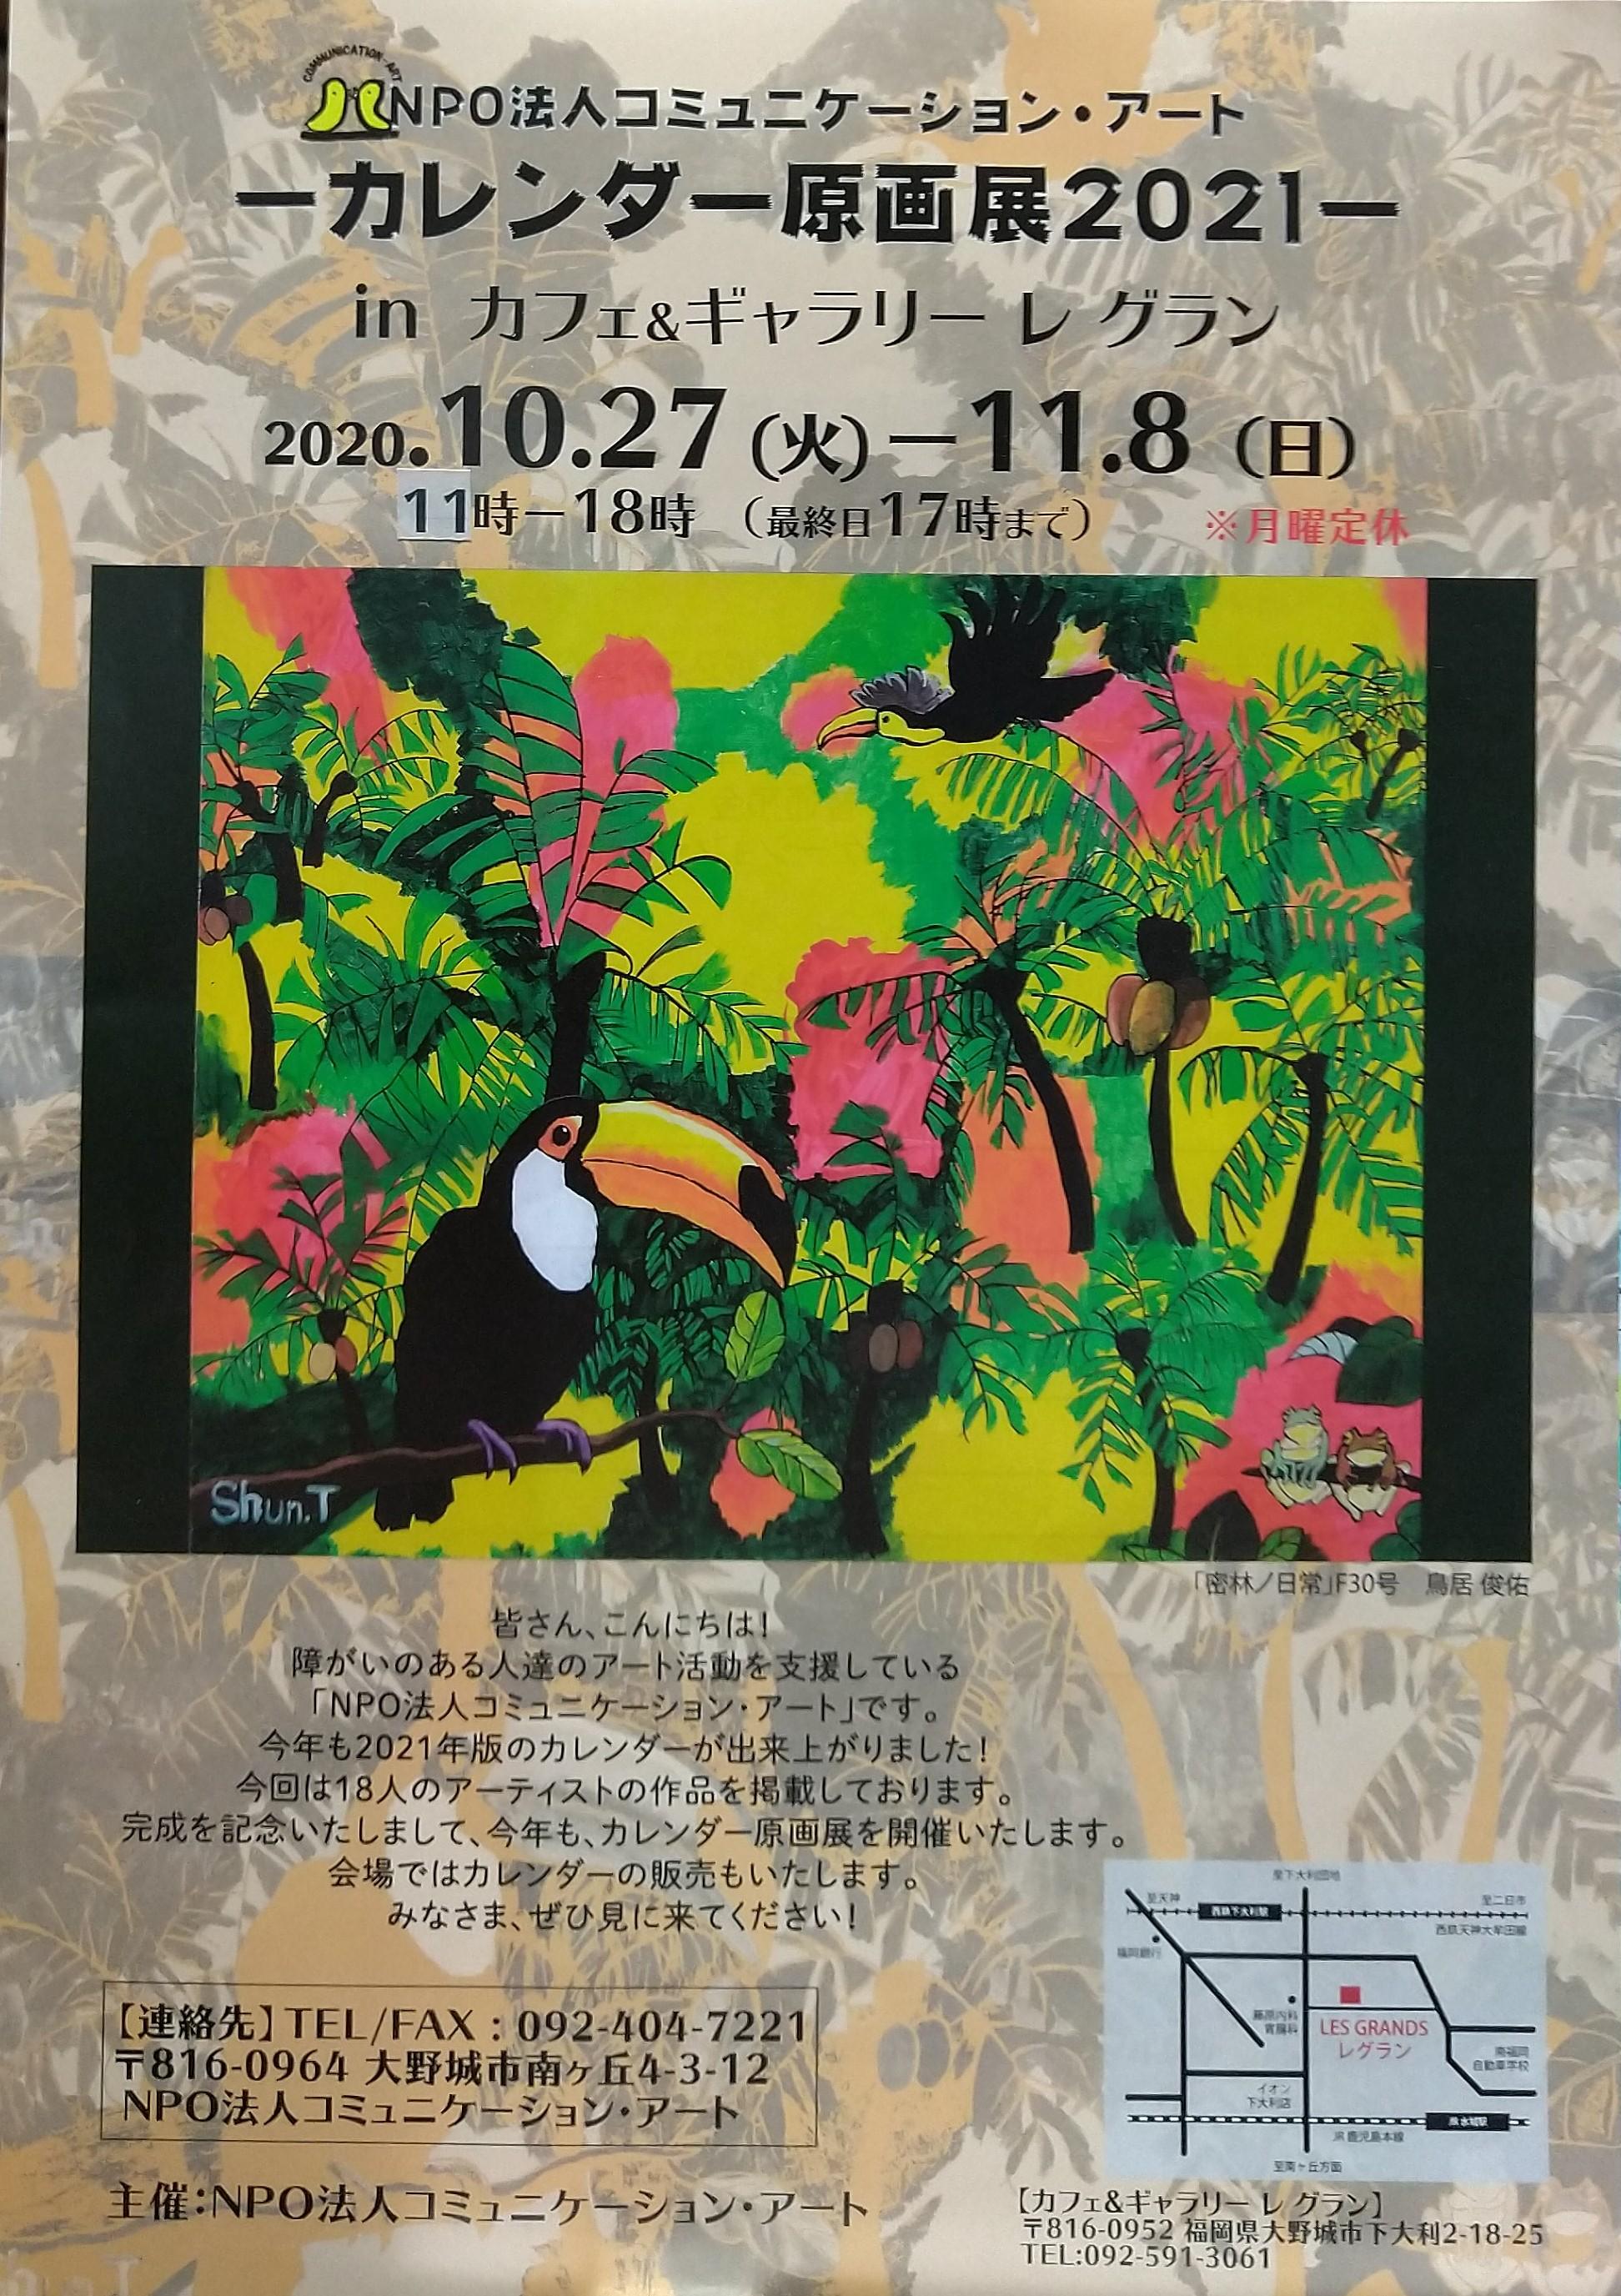 2020年10月27日~11月8日 ーカレンダー原画展2021-